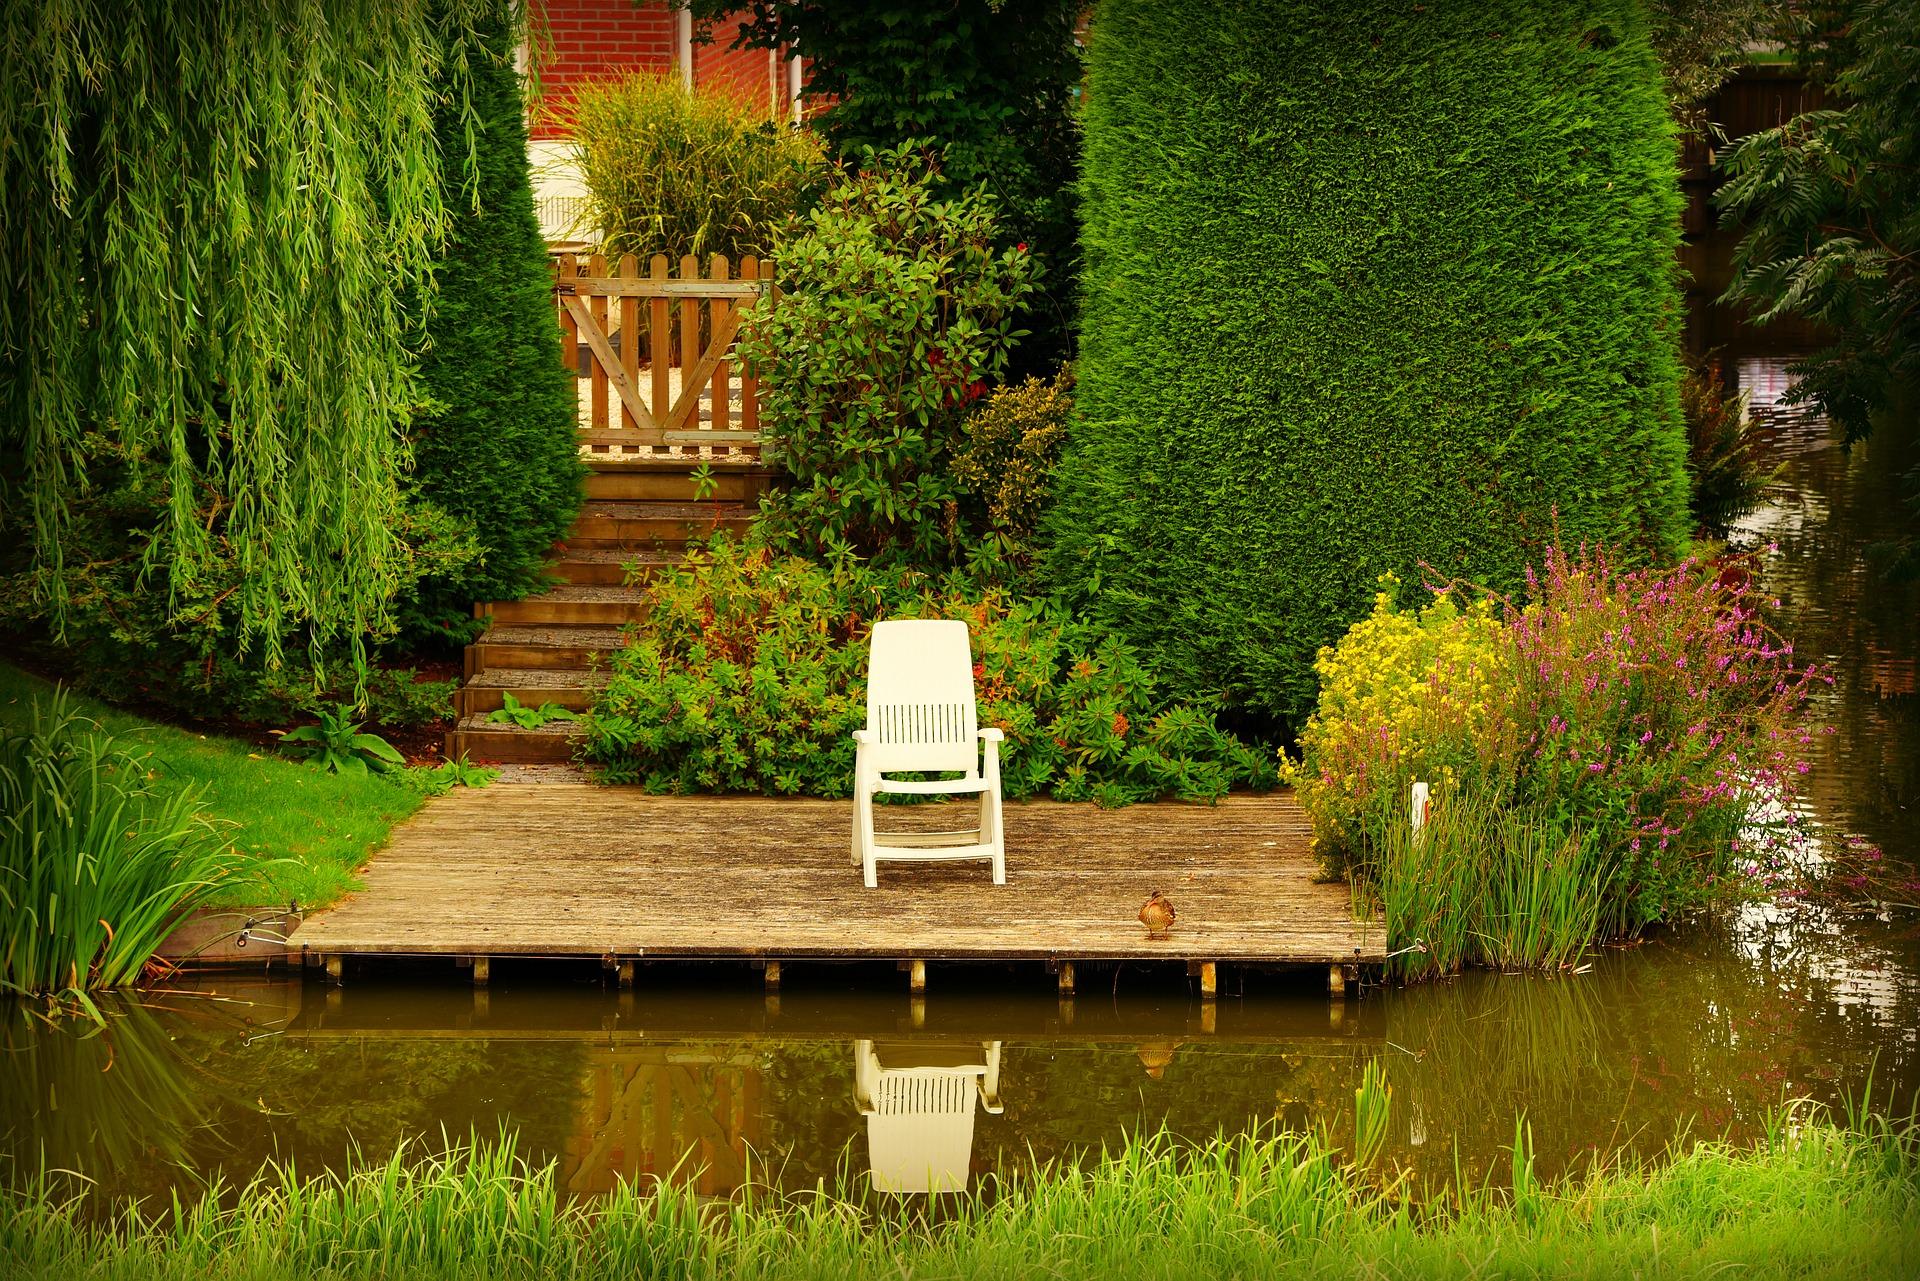 Na oczko wodne o powierzchni większej niż 50 m2 wymagane jest pozwolenie budowlane i spełnieniu wielu formalności.